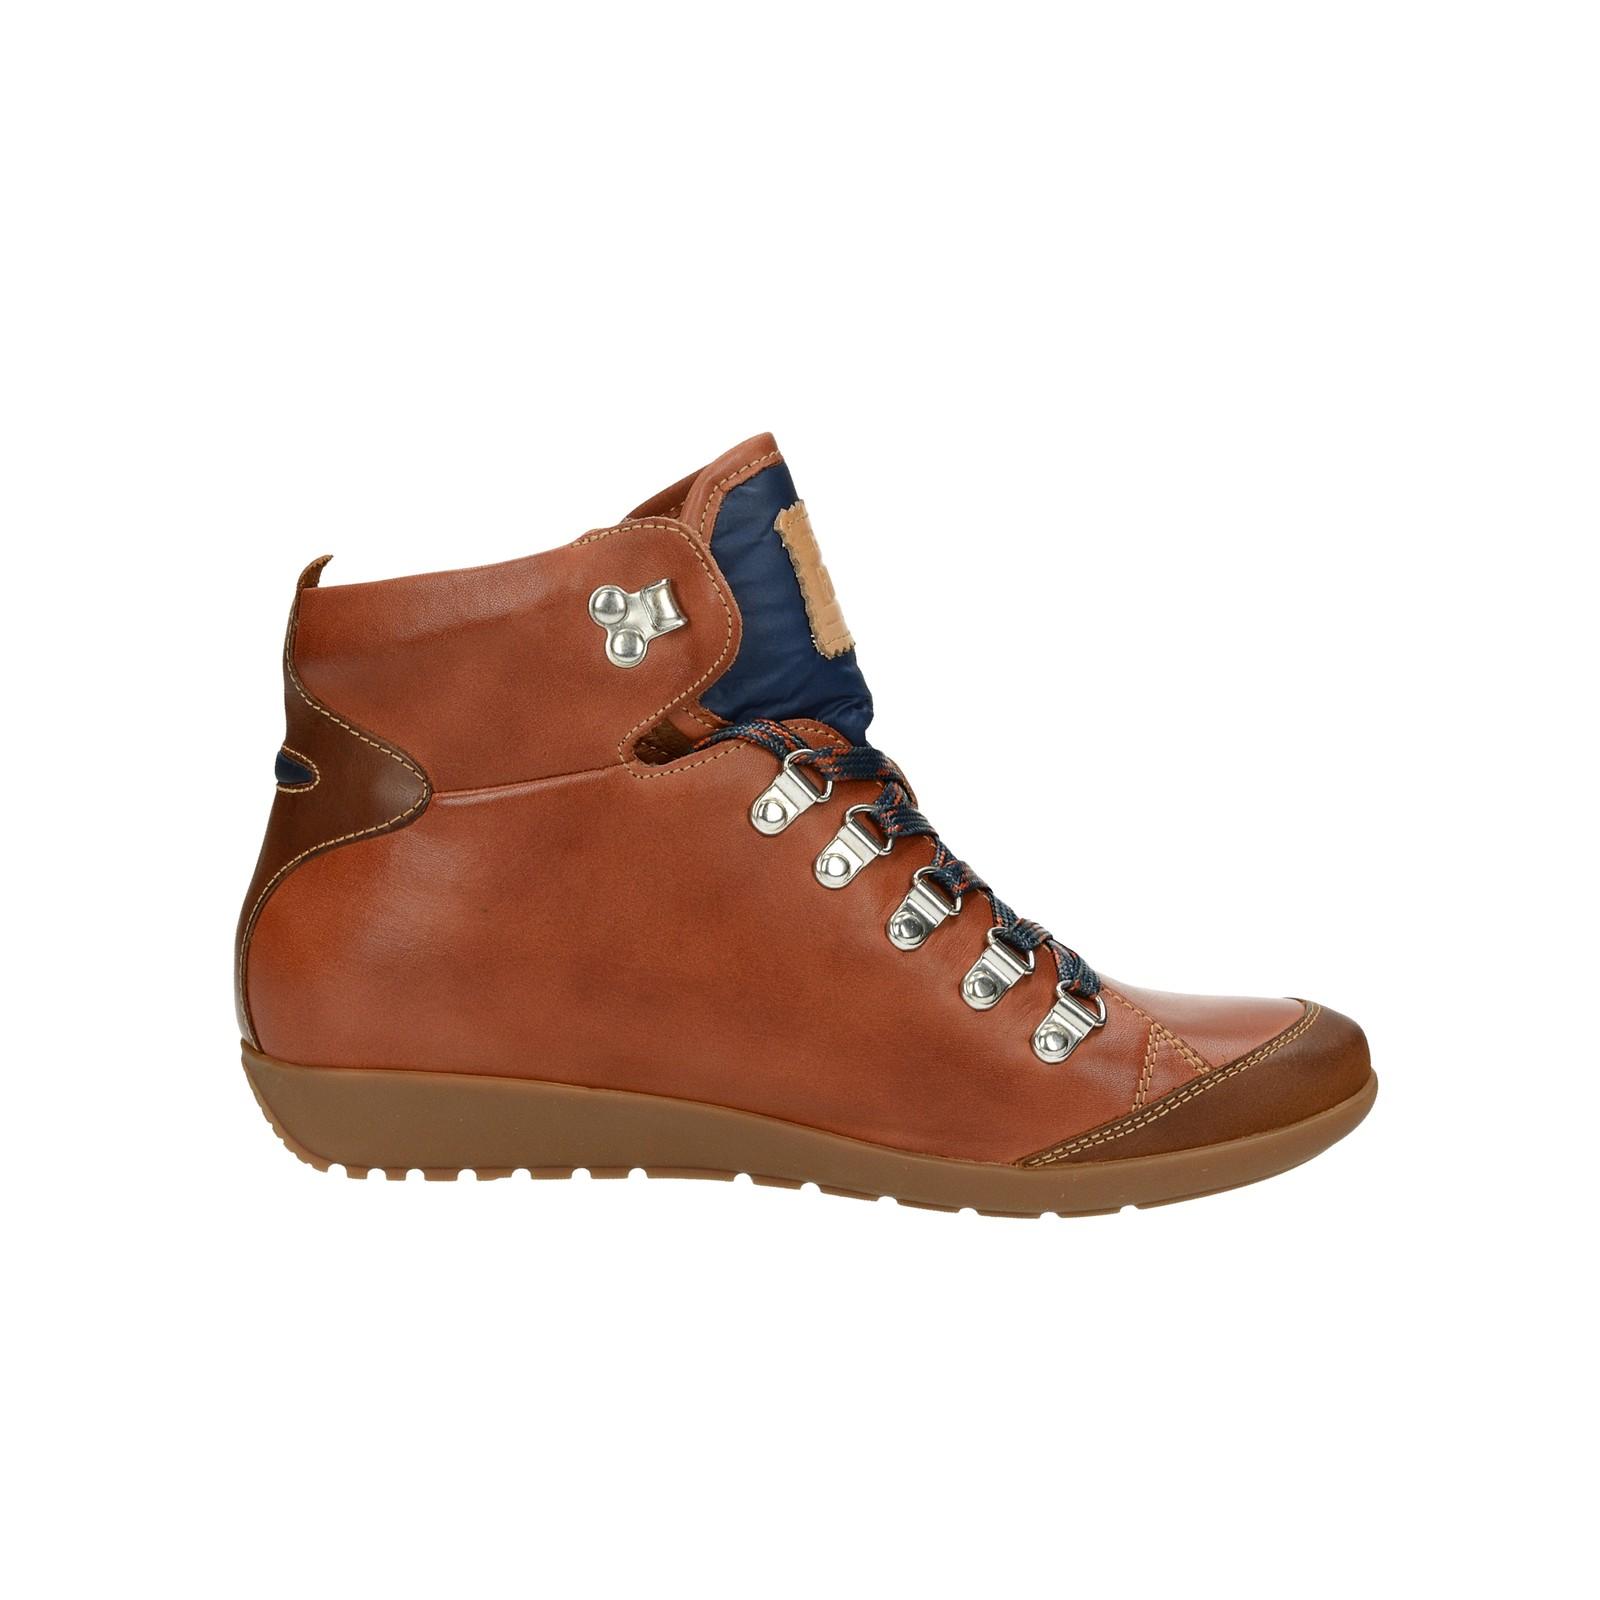 Pikolinos dámské kožené kotníkové boty - koňakové ... 3ae737afa1